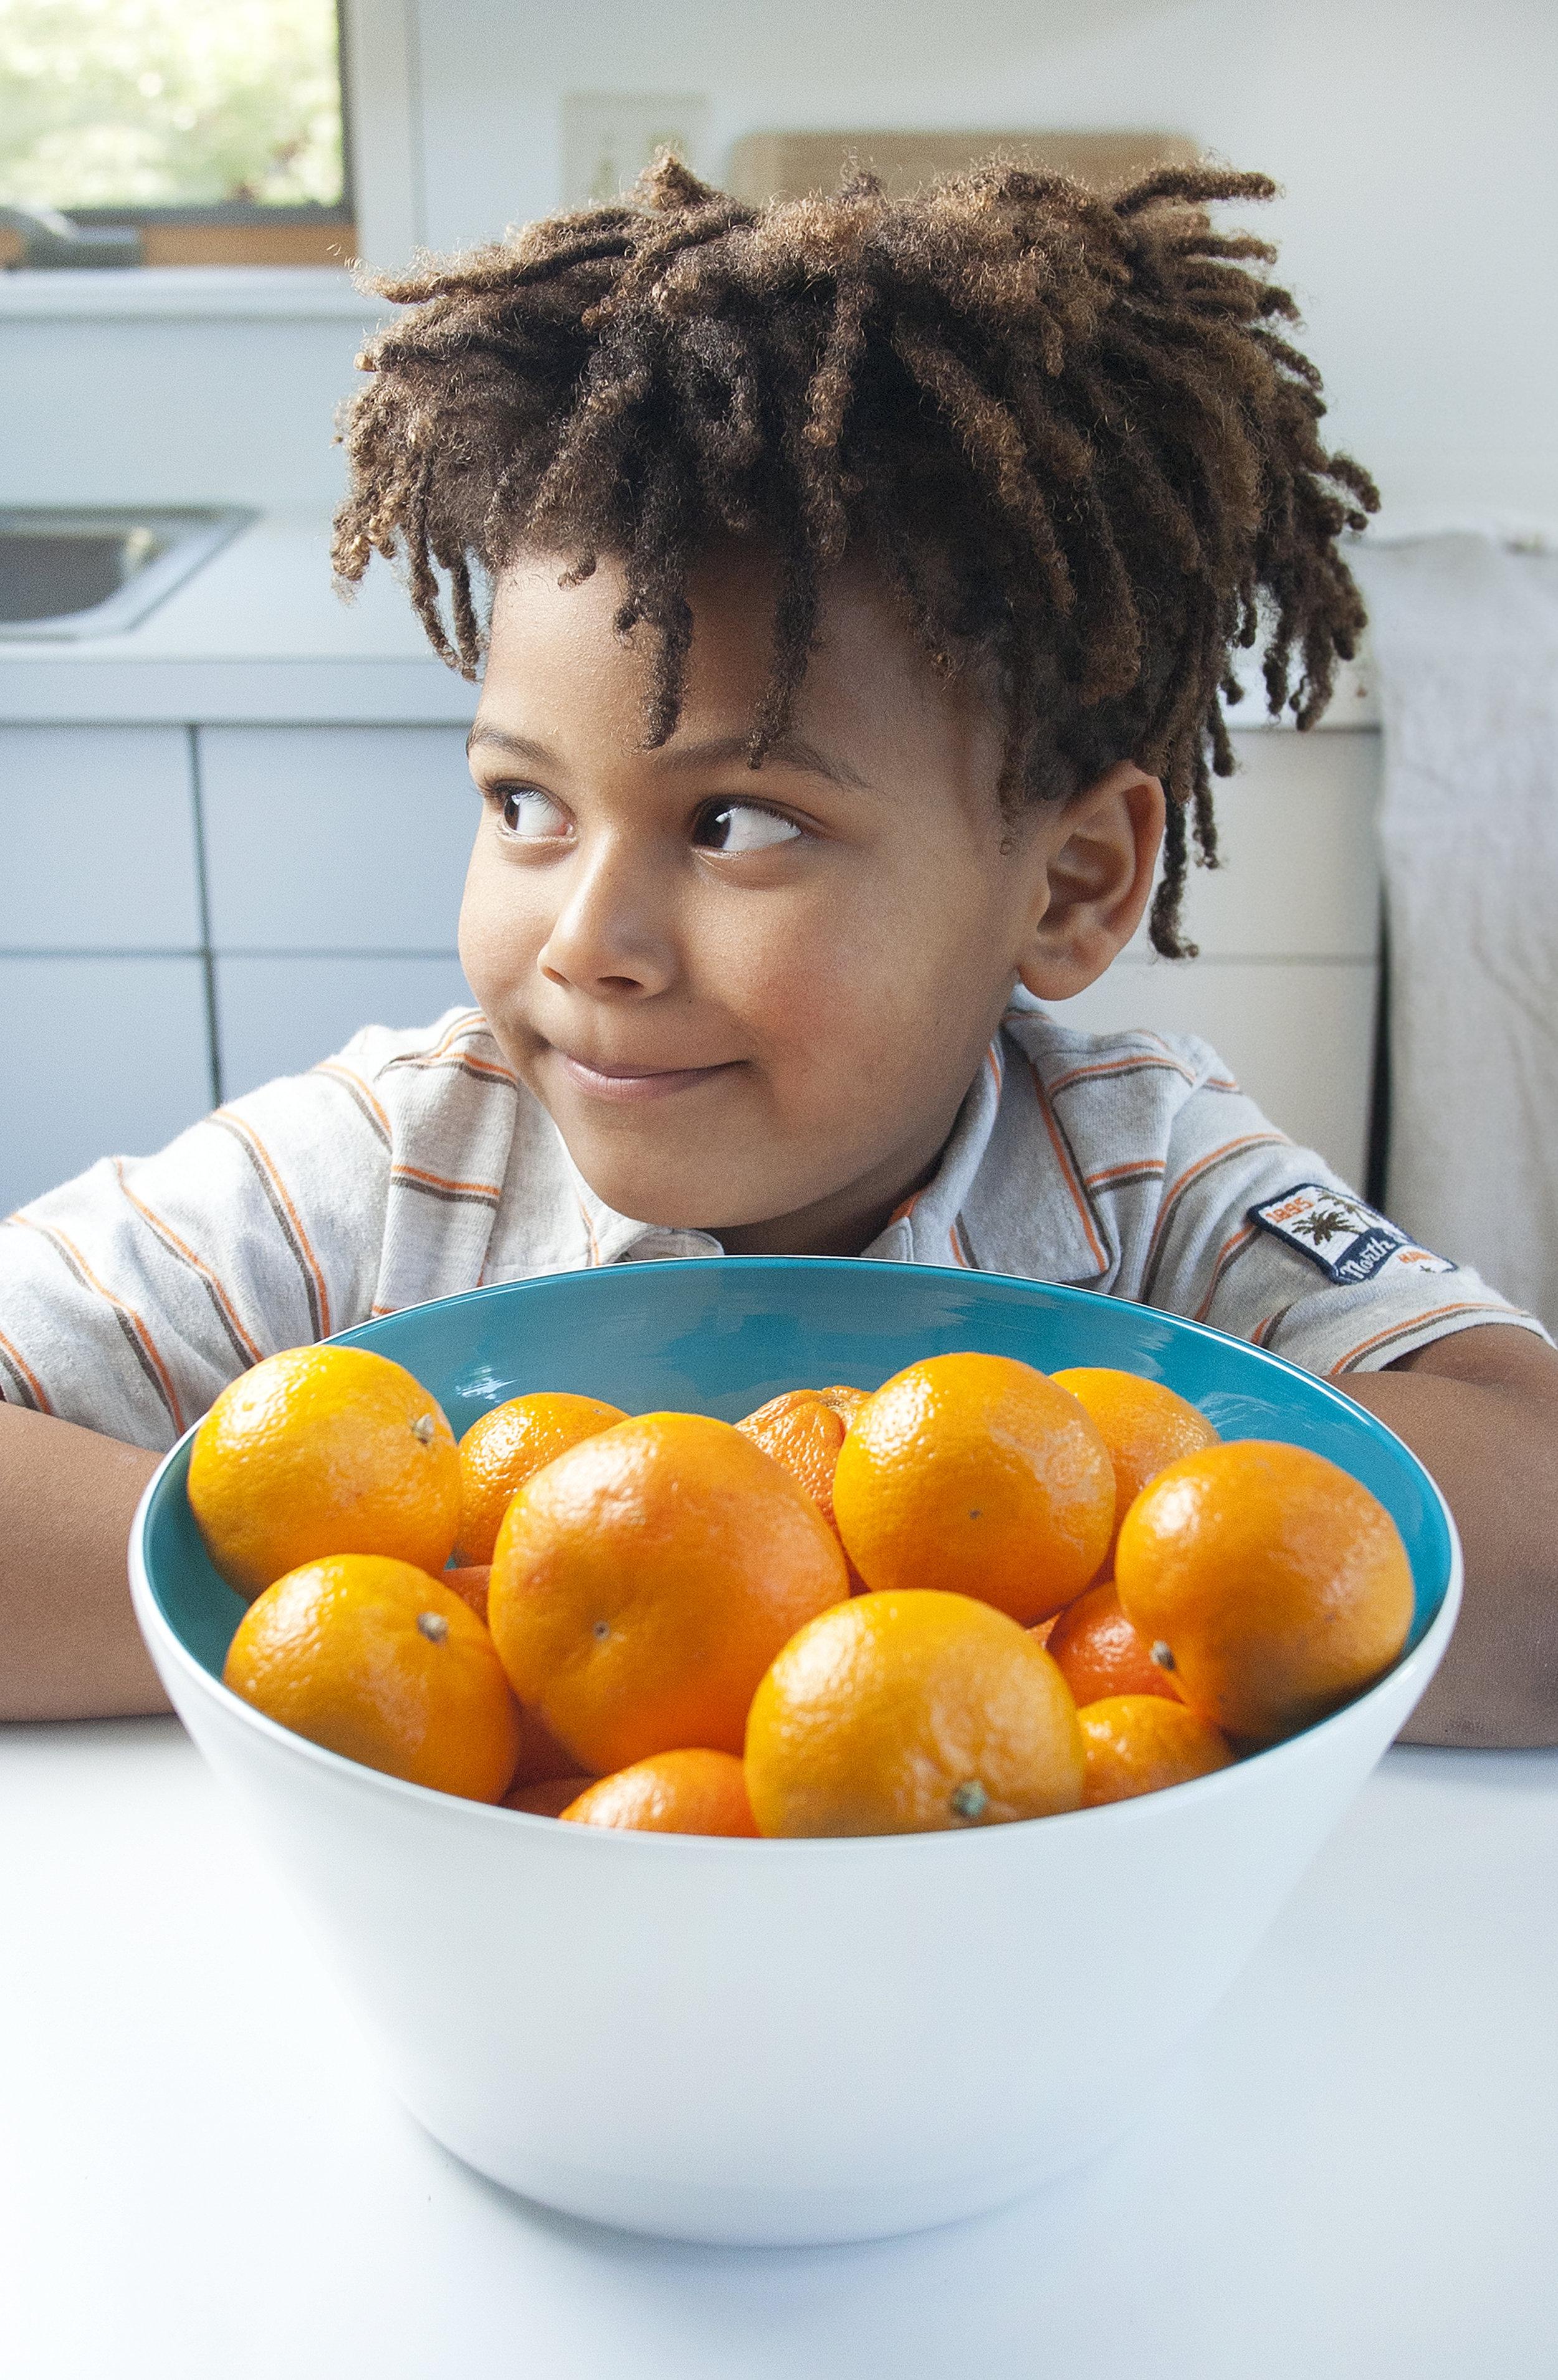 Teal Jahi with Tangerines.jpg